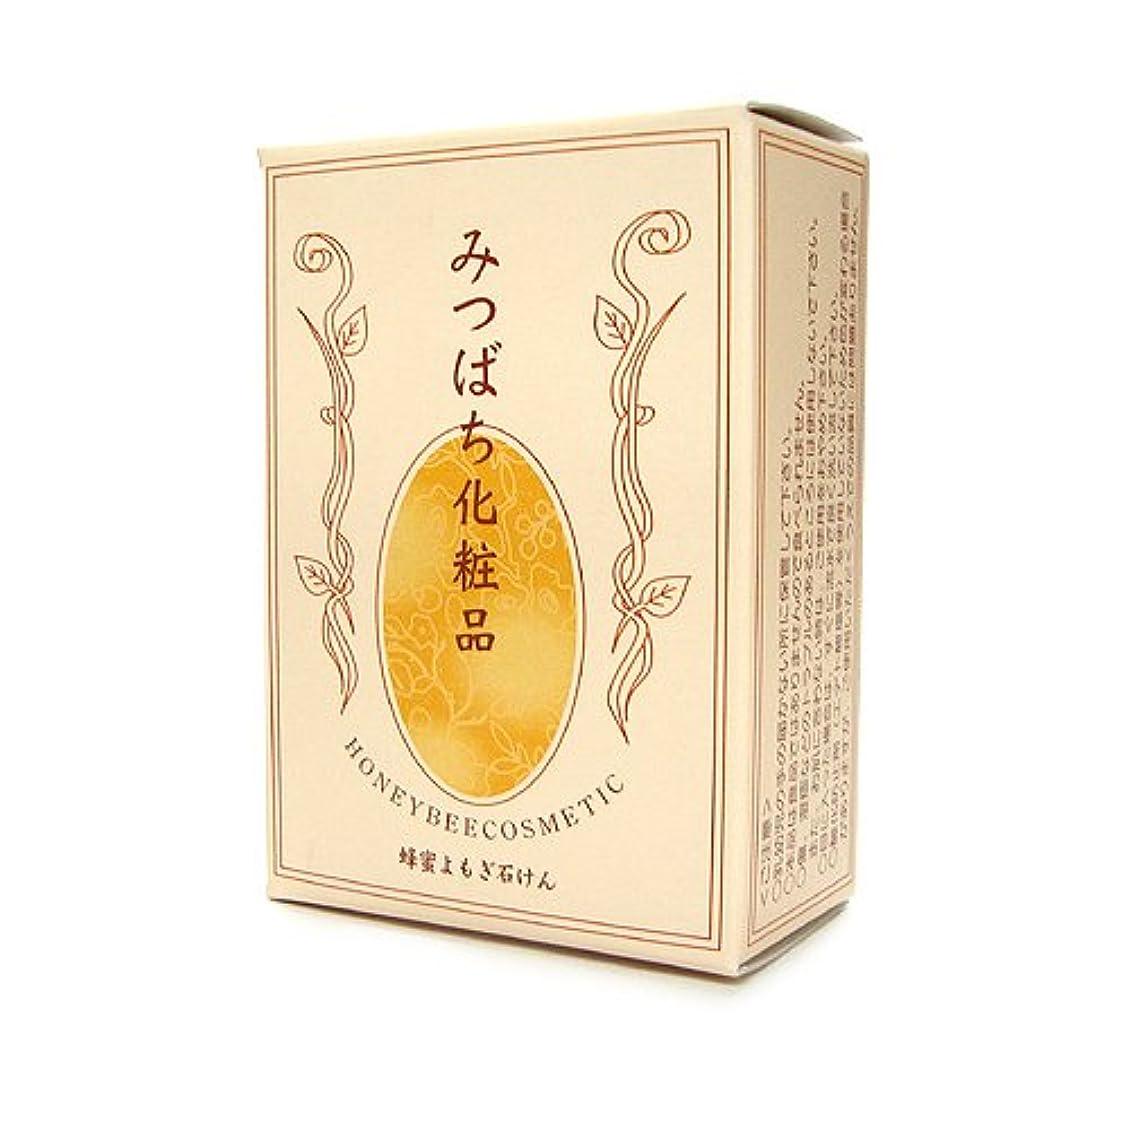 蒸気やりすぎキャプチャー蜂蜜よもぎ石鹸 100g